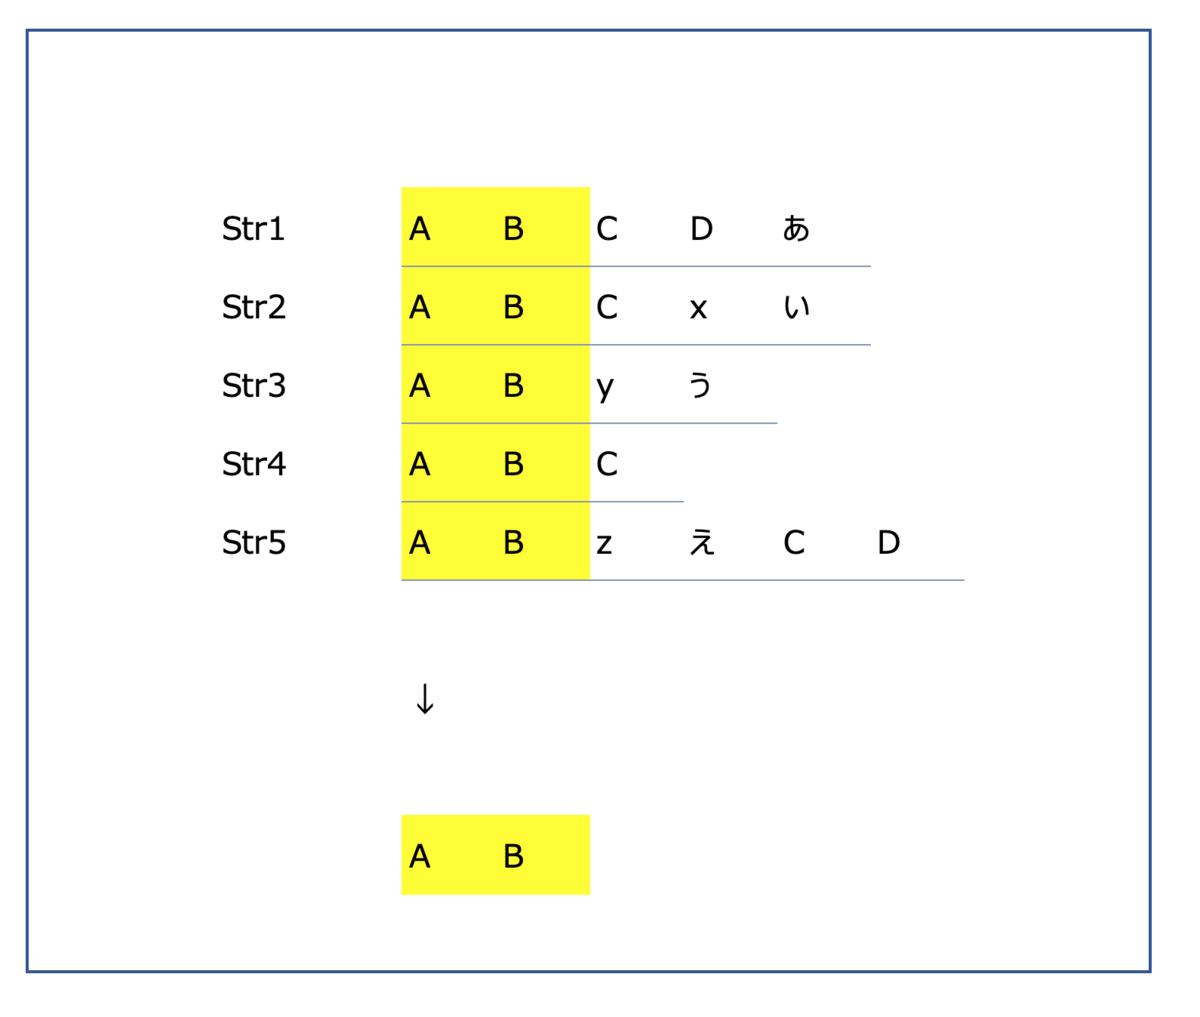 f:id:azotar:20201226003123p:plain